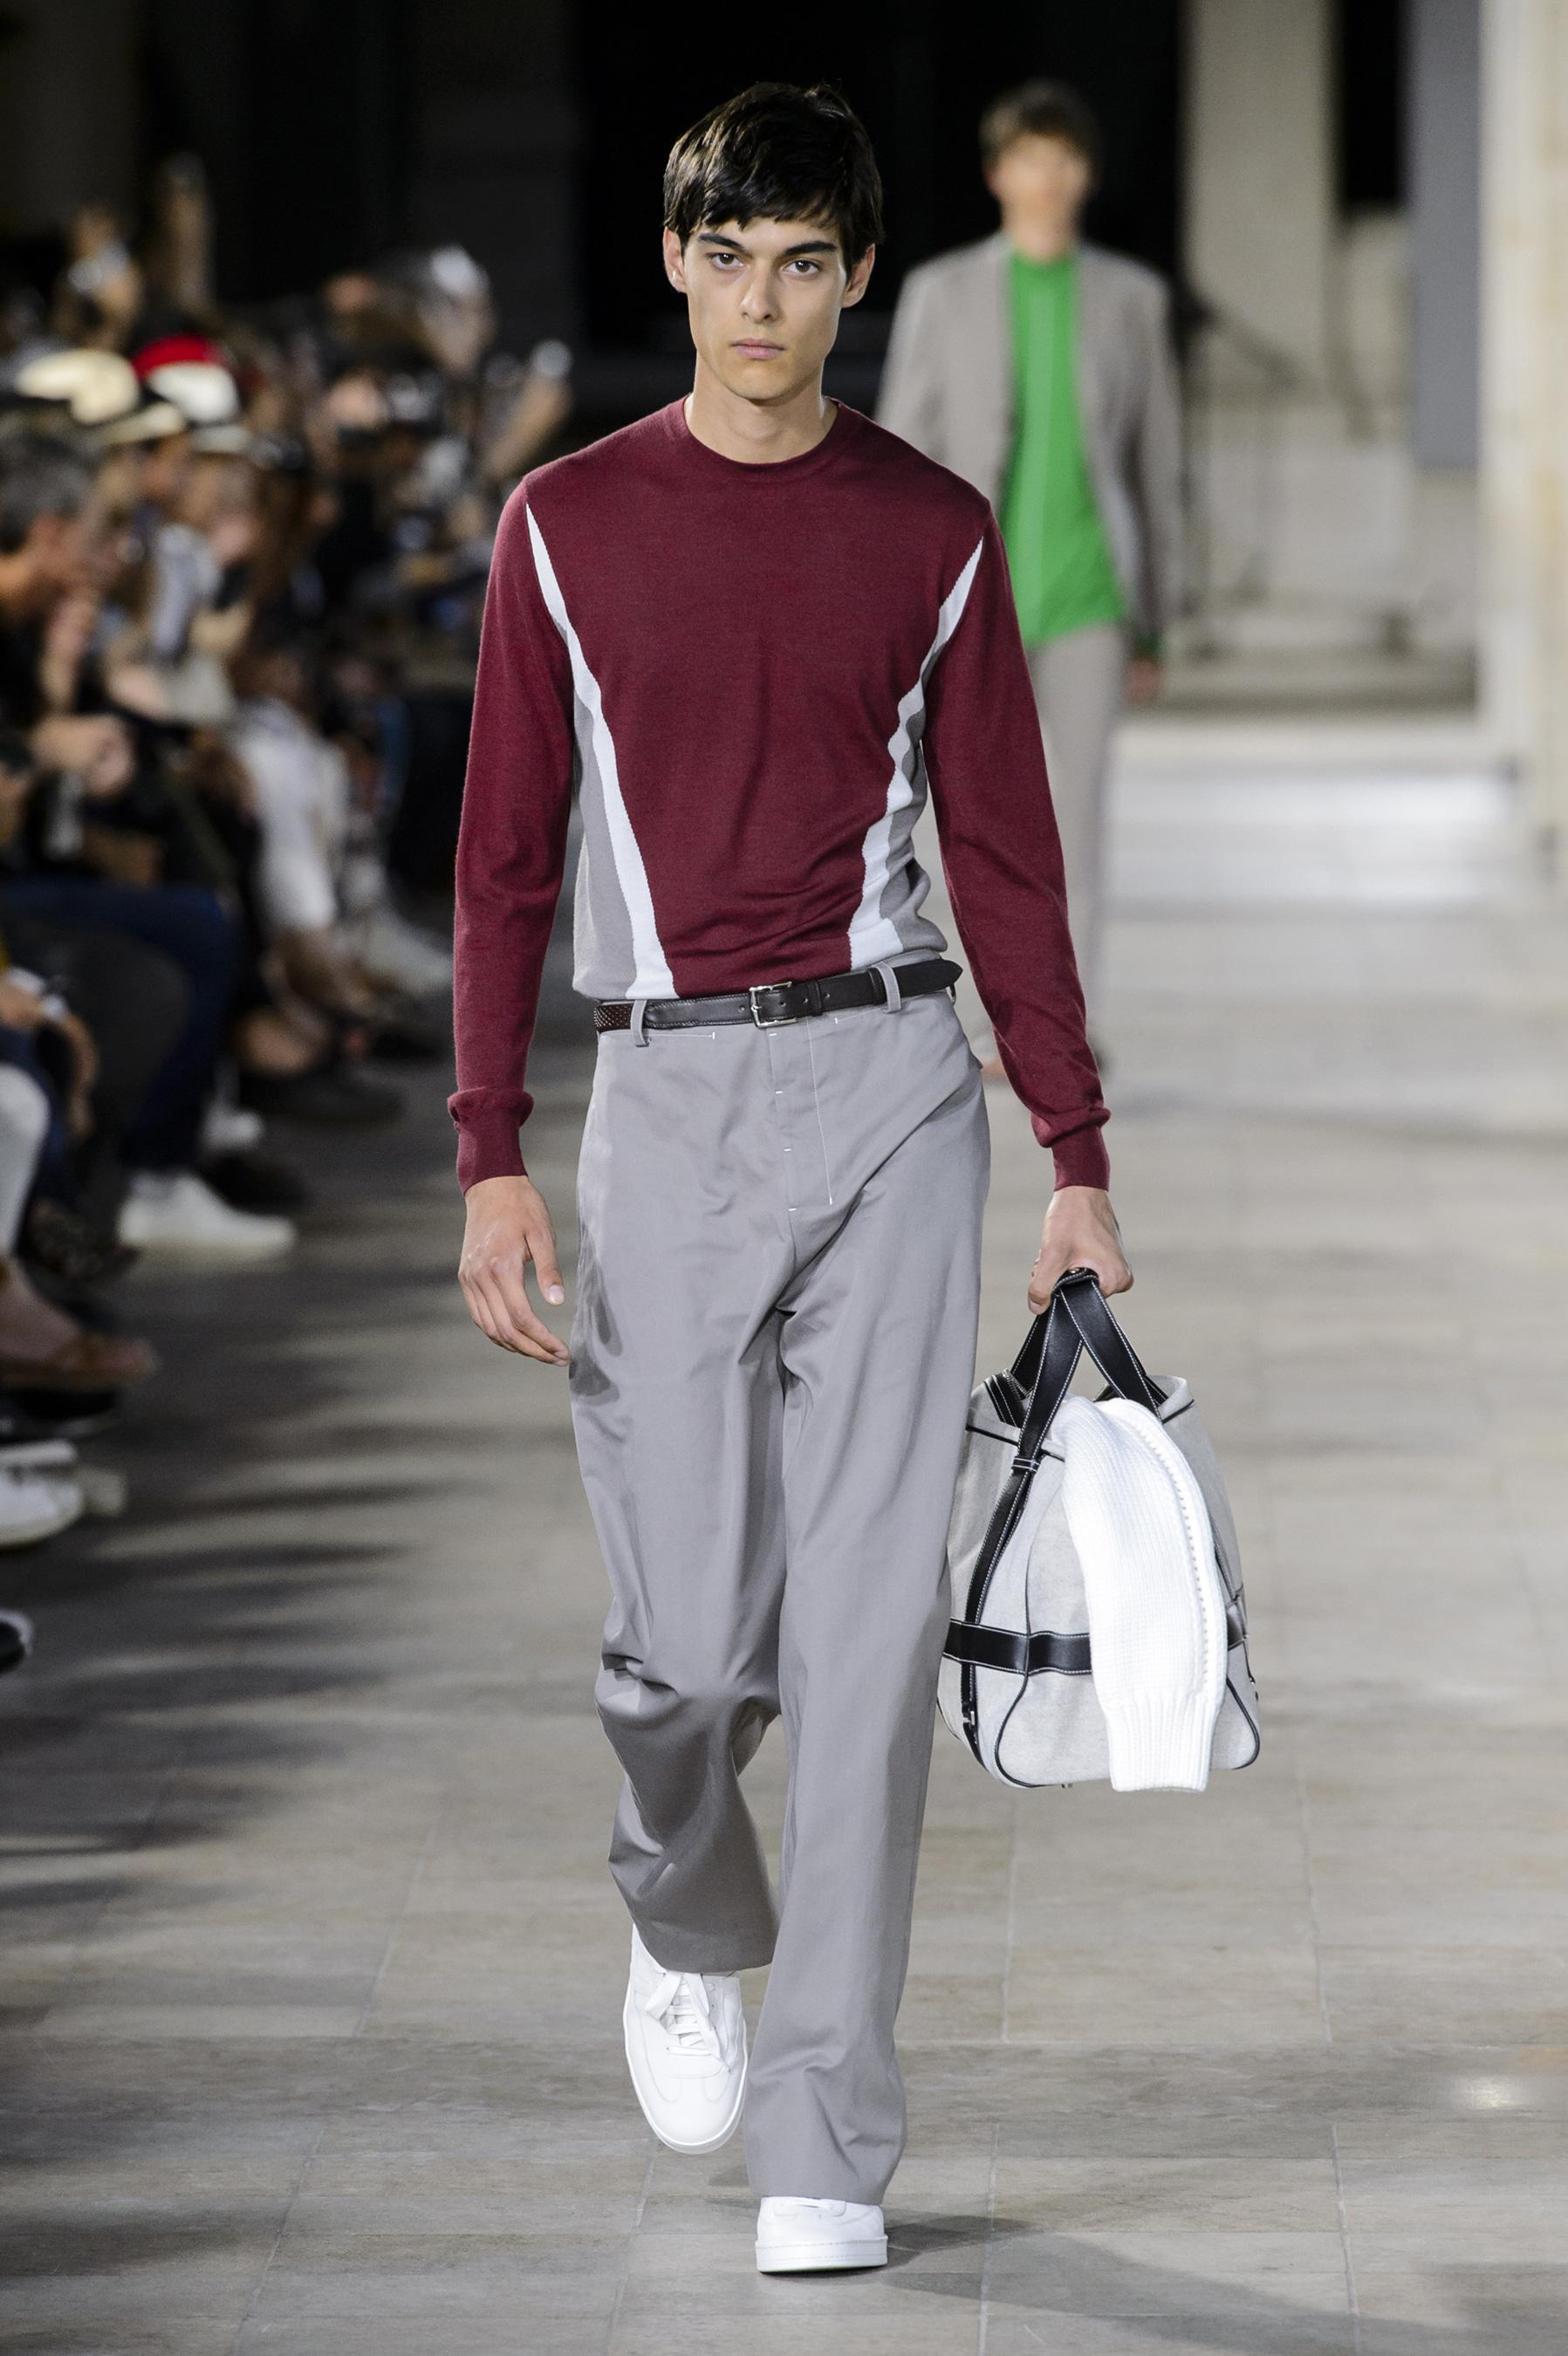 Défilé Hermès printemps-été 2018, Paris - Look 10. Défilé Hermès Homme  Printemps-été 2018 Paris - photo 10 Imaxtree d14f45b8d0e